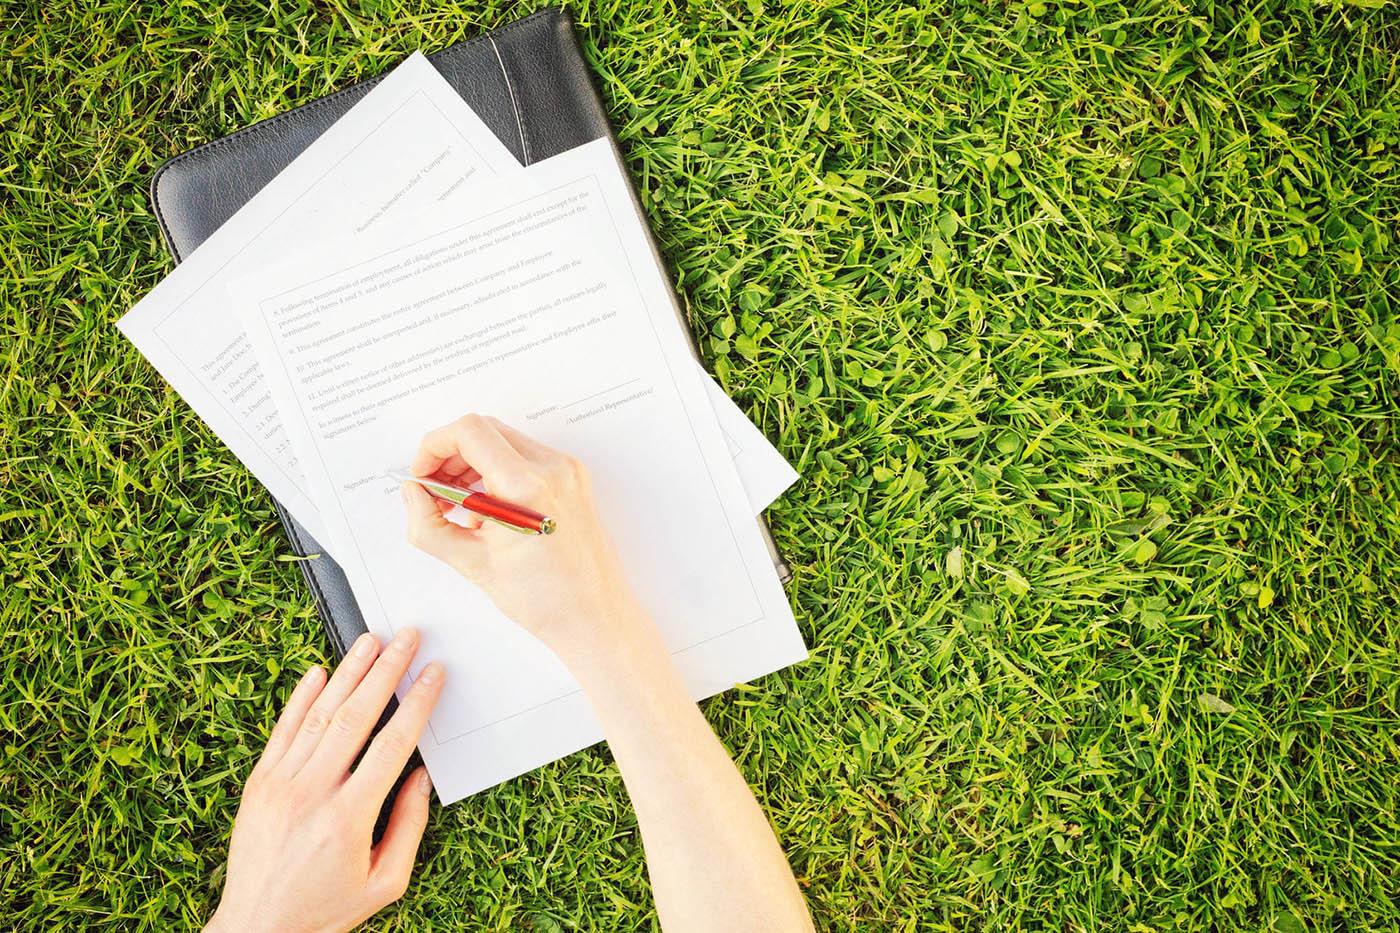 как получить права собственности на дом и землю какой пост занимает сечин